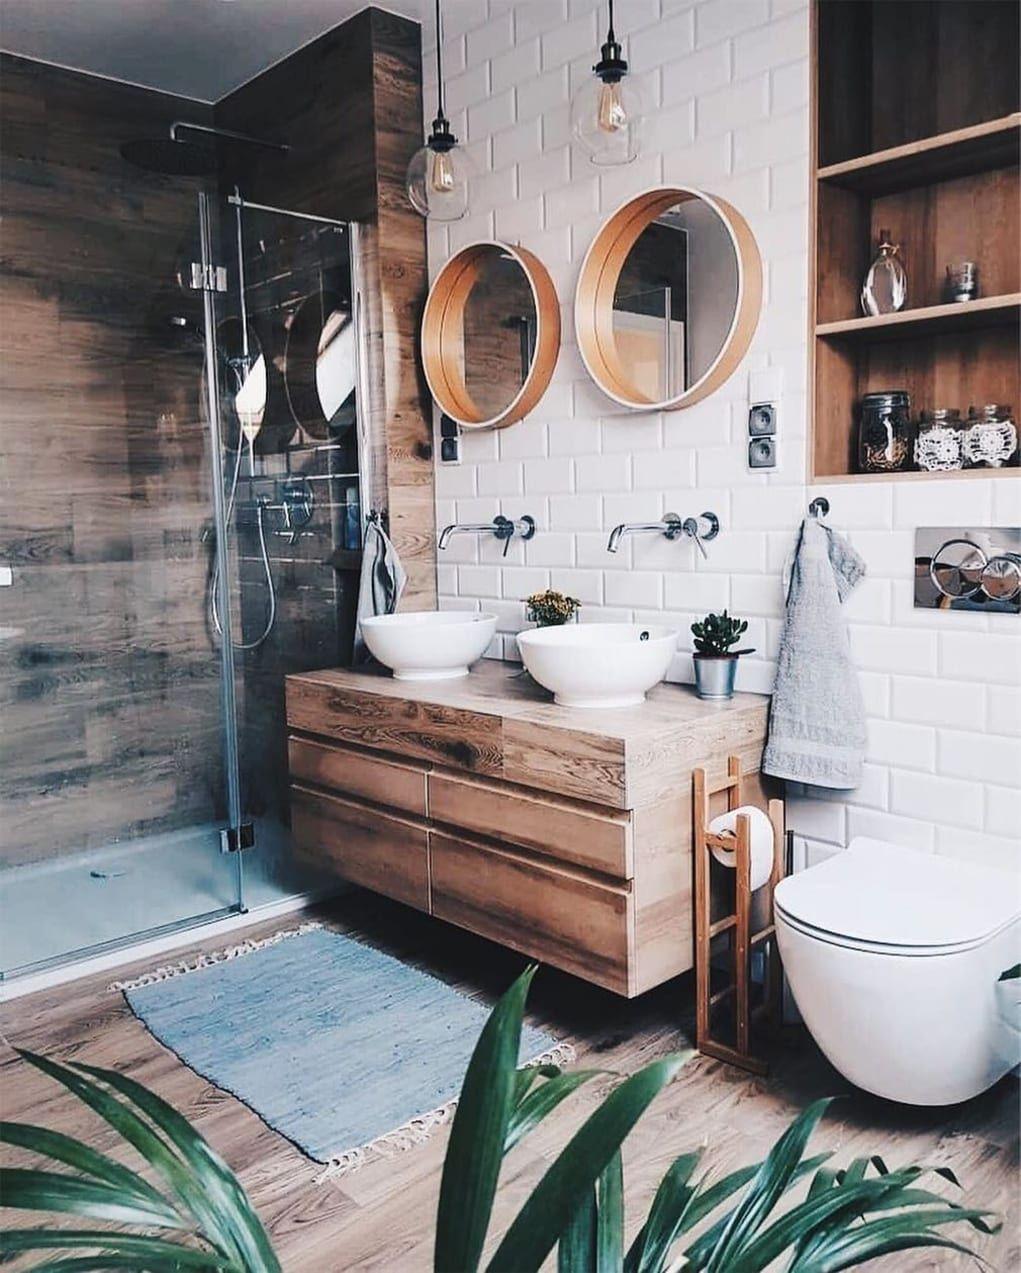 trendikas vannituba inspo